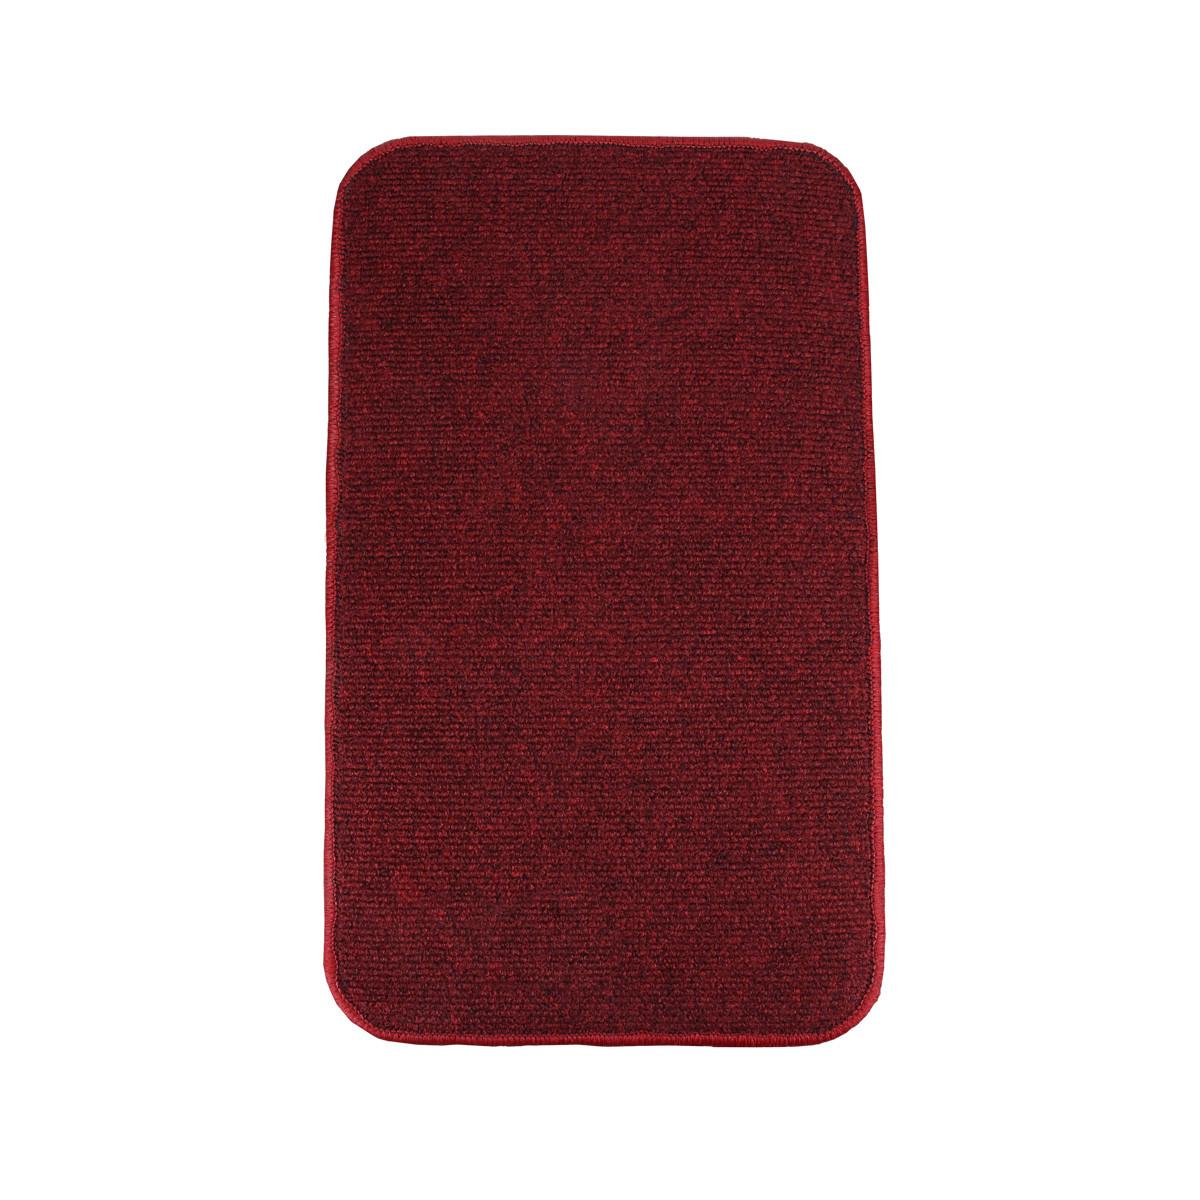 Электрический коврик с подогревом Теплик с термоизоляцией 50 х 30 см Темно-красный